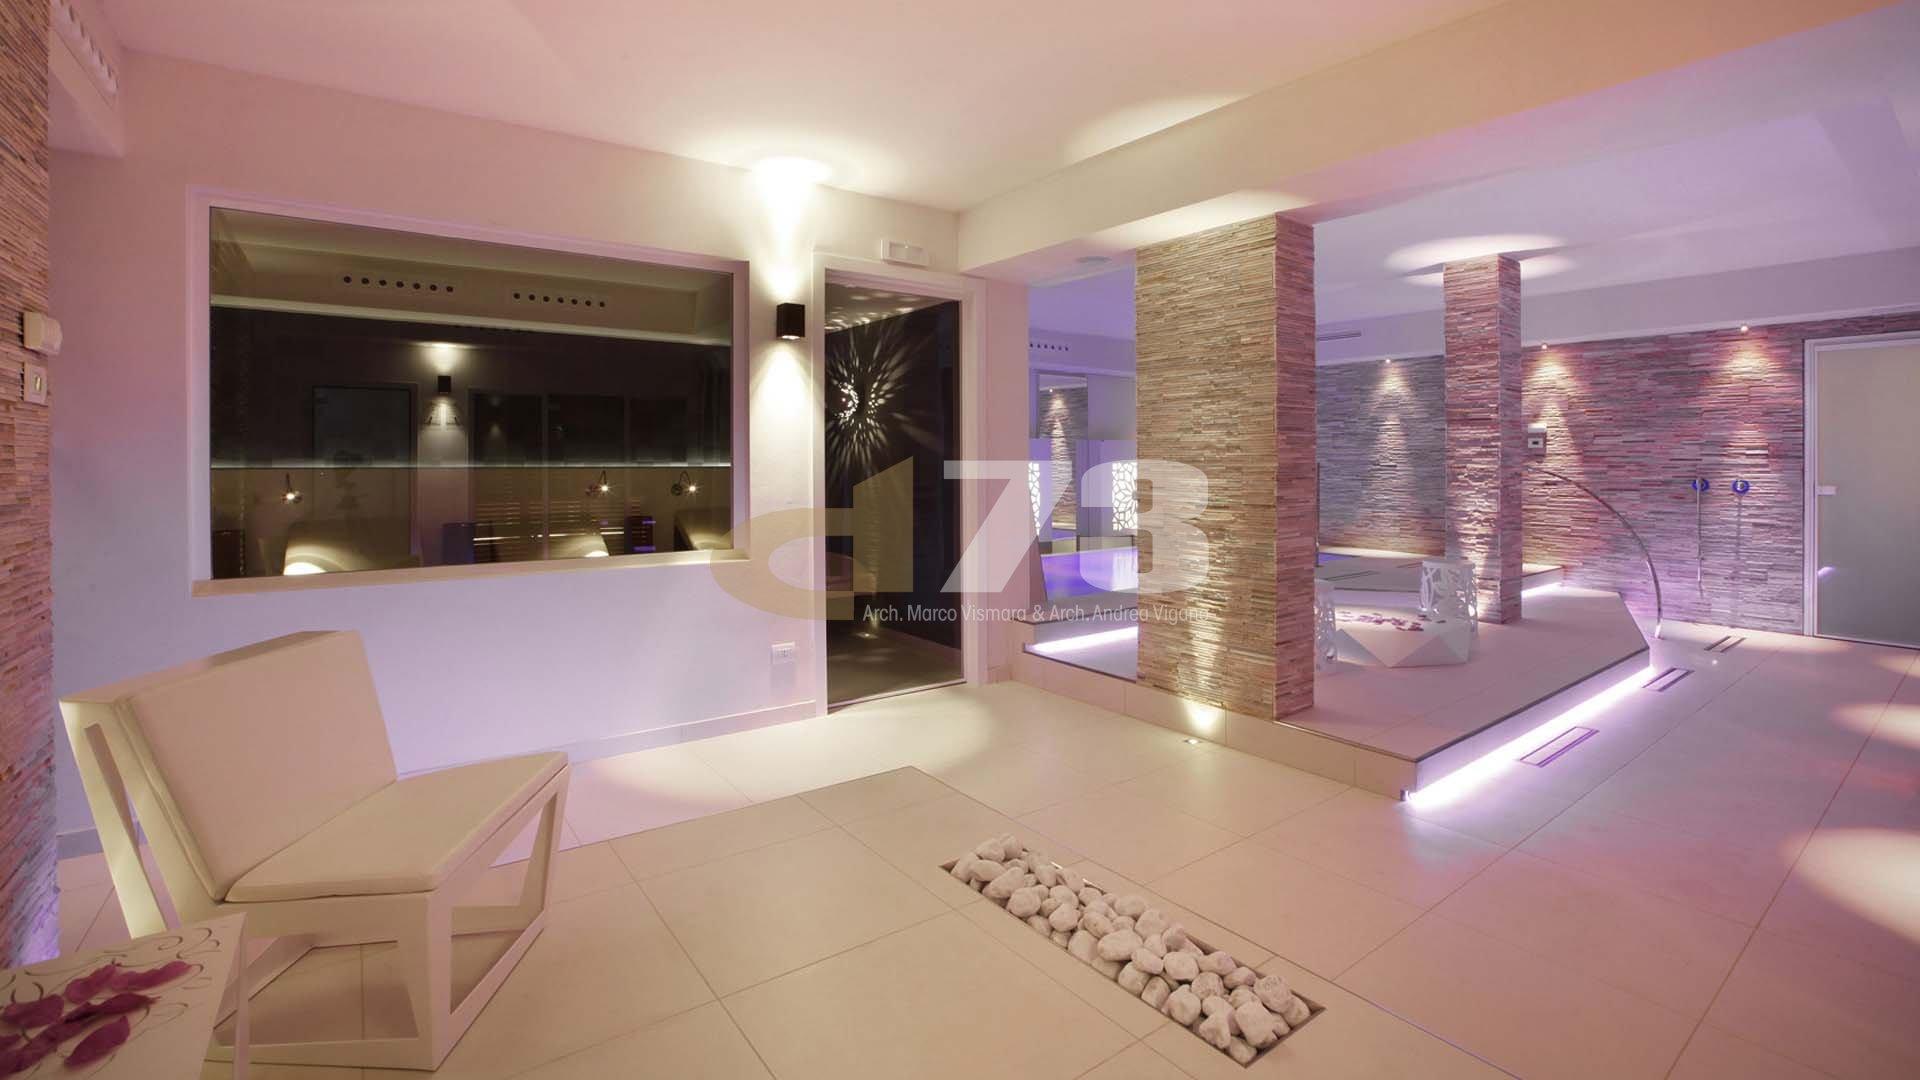 HOTEL PARIGI 2 SPA LA CASCADE DALMINE BERGAMO 2